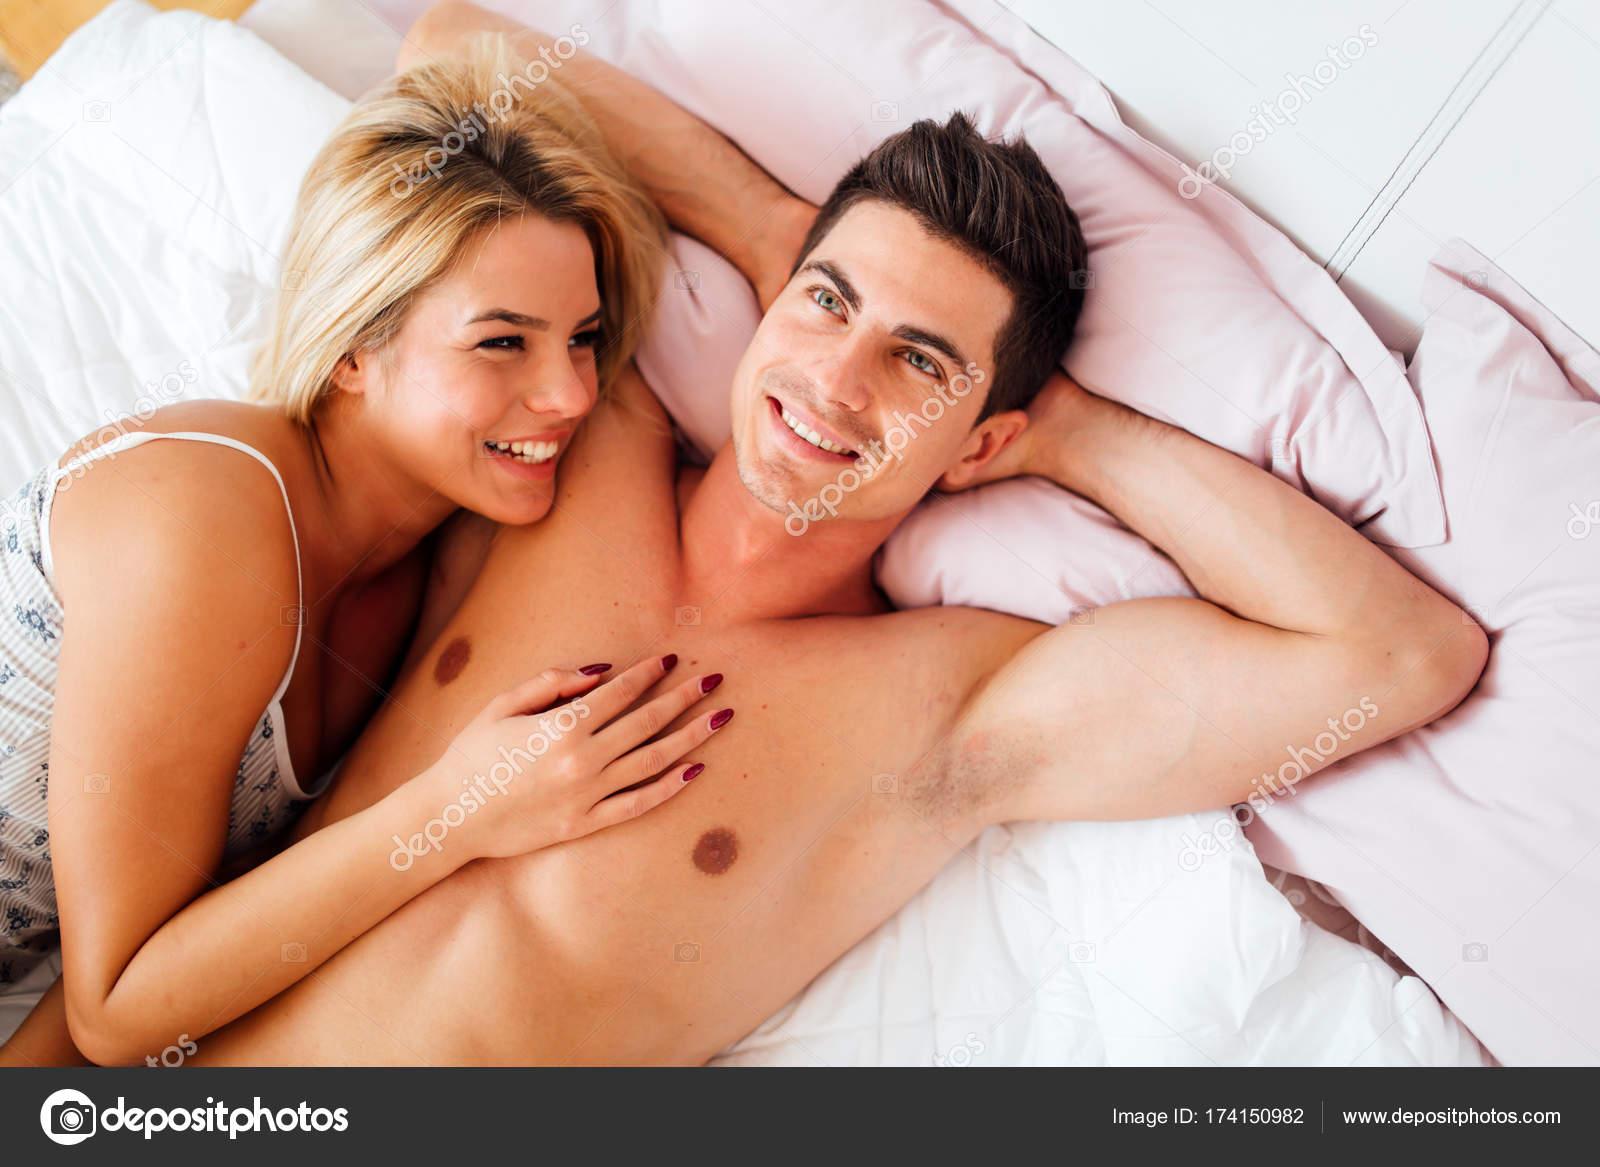 Rapidshare сексуальной жизни